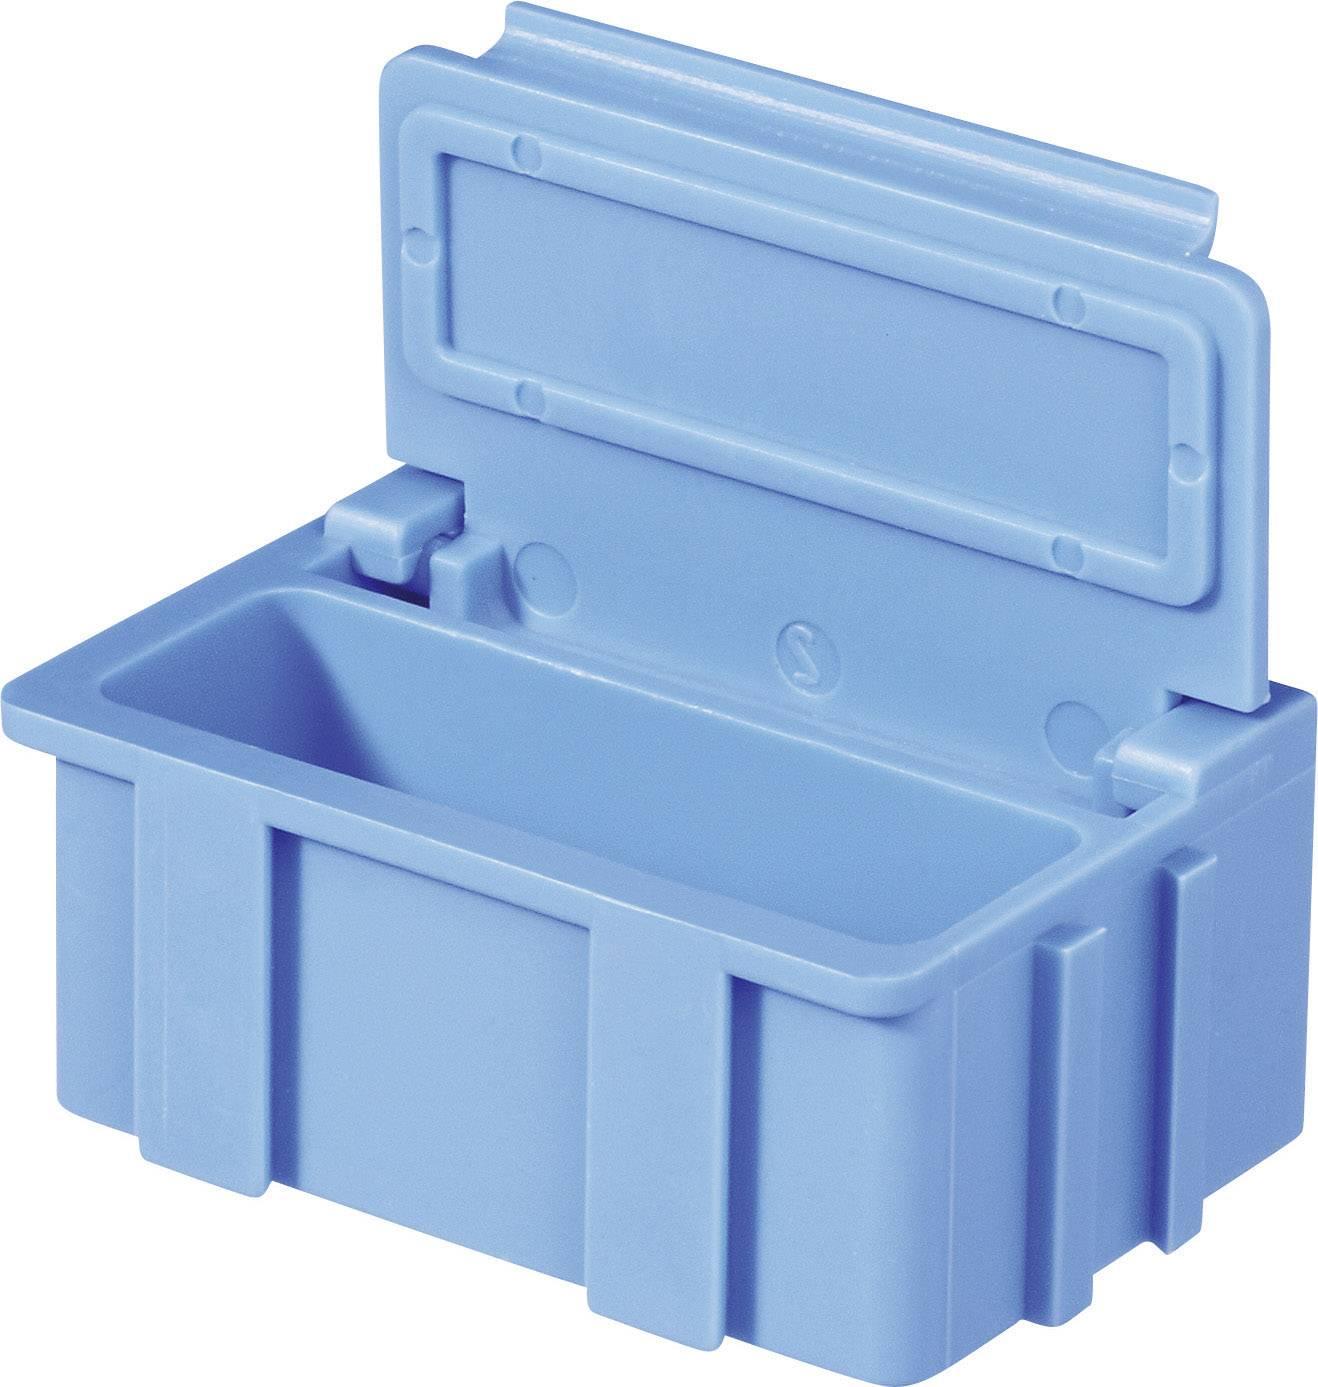 Box pro SMD součástky Licefa, N22244, 37 x 12 x 15 mm, žlutá